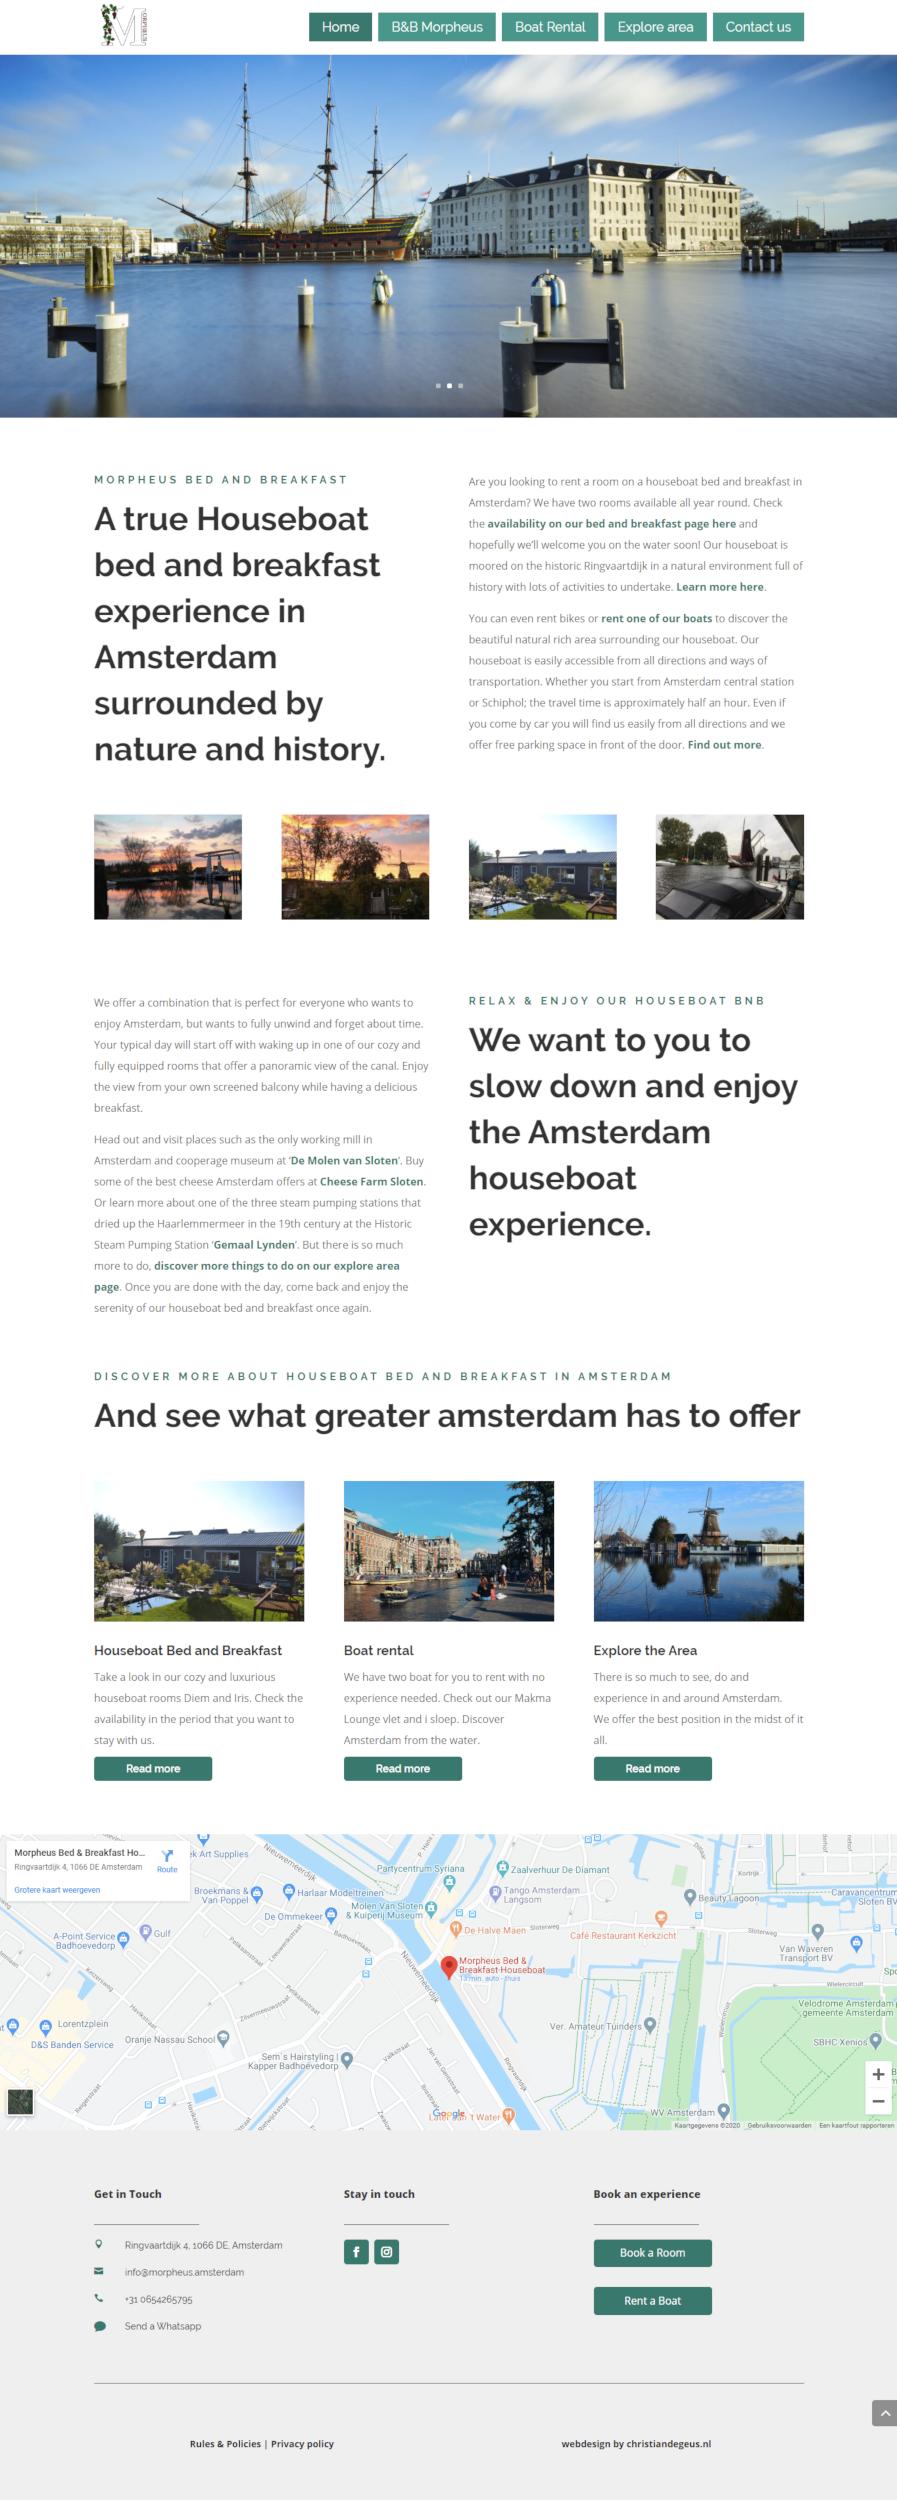 Bed and breakfast website laten maken in Wordpress. christiandegeus.nl